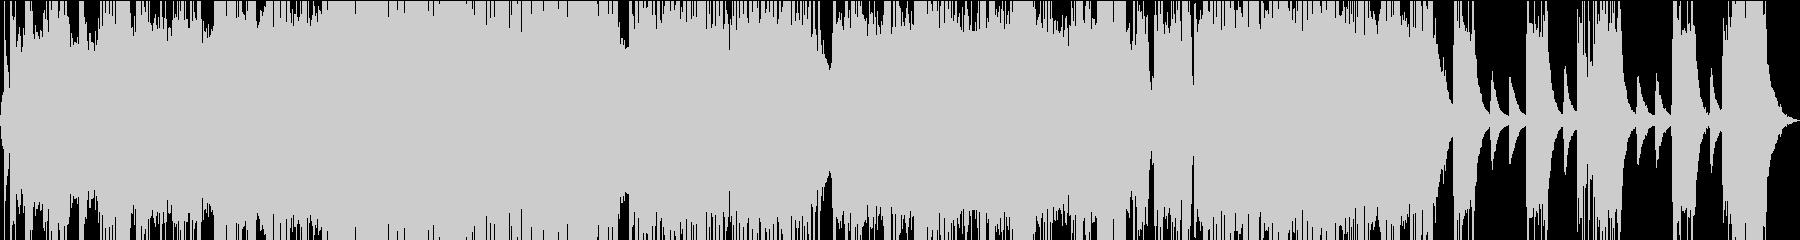 ダークに轟く重低音なバンドサウンドの未再生の波形